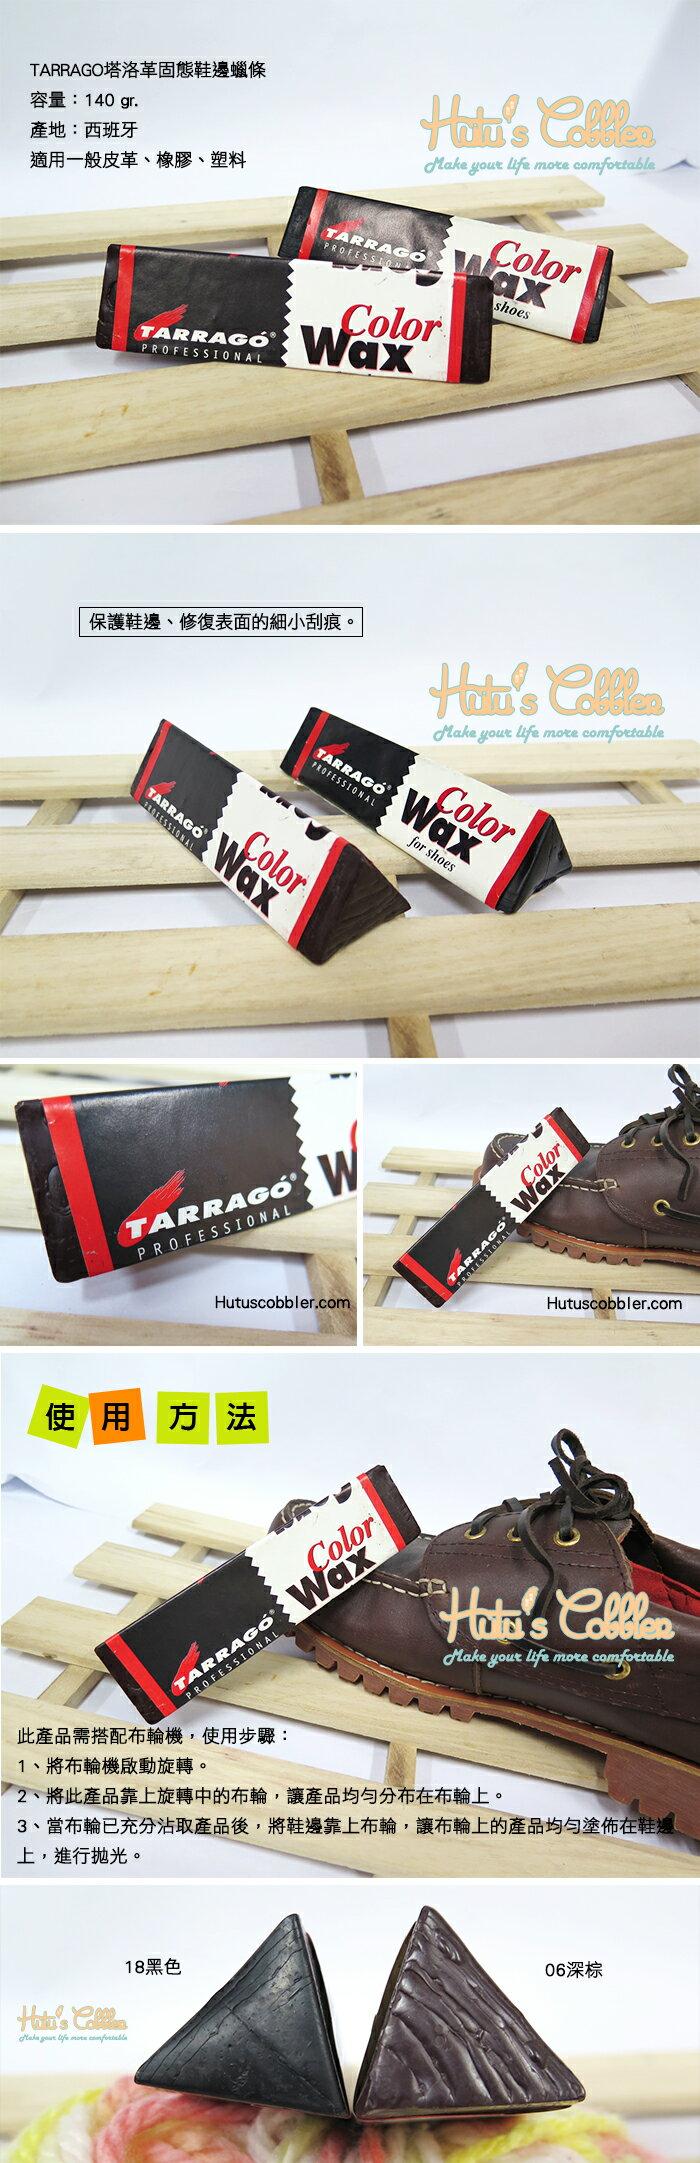 ○糊塗鞋匠○ 優質鞋材 L123 西班牙Tarrago固態鞋邊蠟條 保護鞋邊 修復表面的細小刮痕